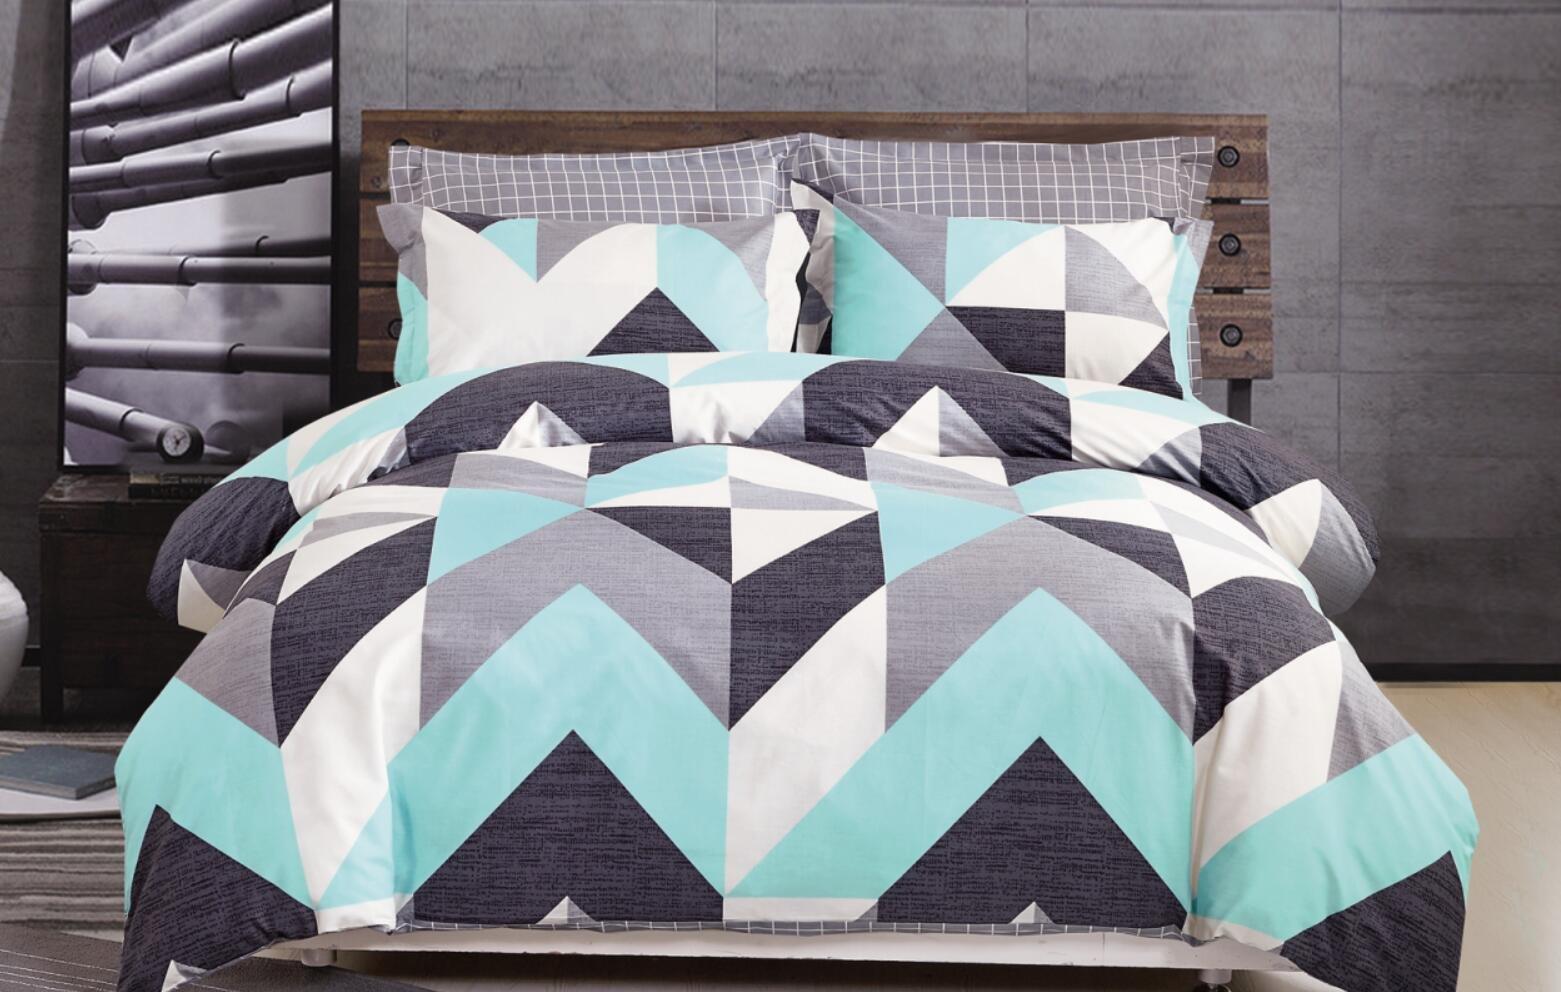 Duvet Scandinavian bedroom ideas that will inspire you to remodel